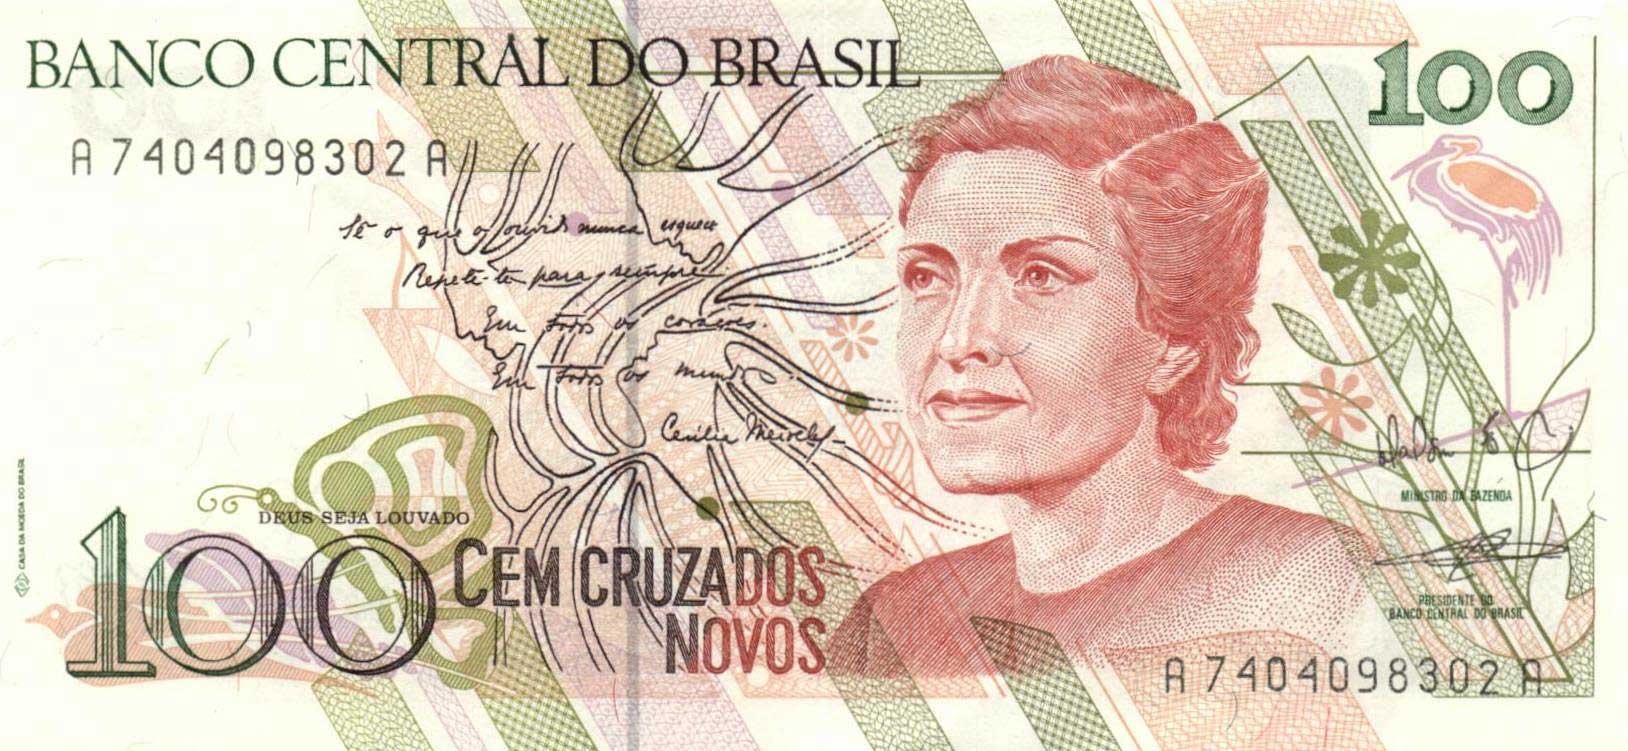 BRA-0220b-a